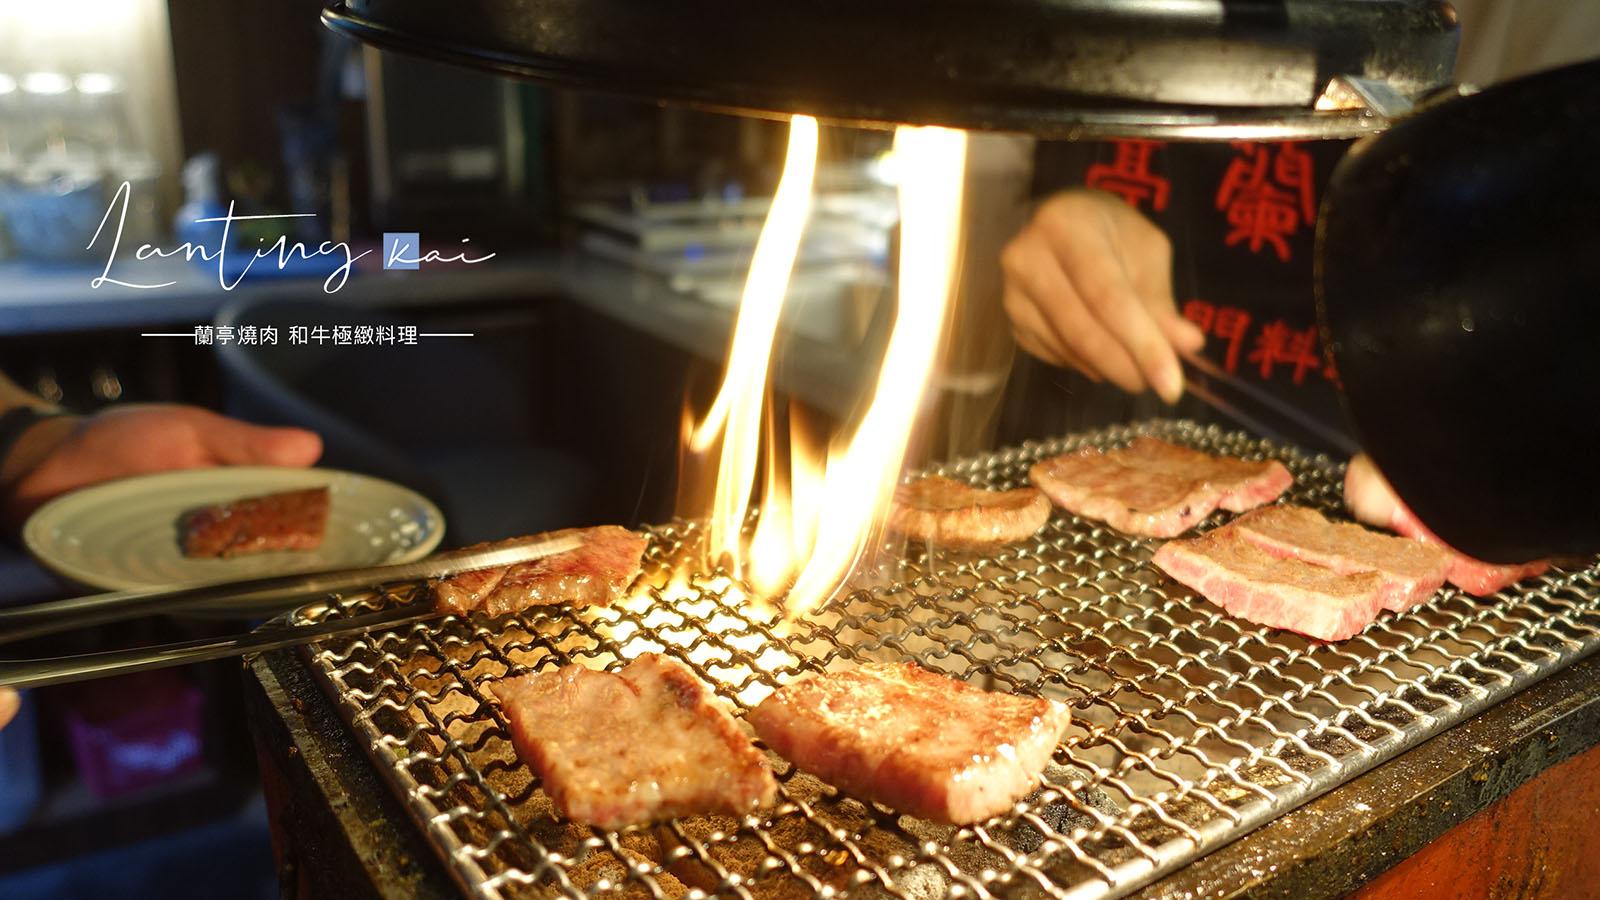 ☆【台北|大安站】蘭亭燒肉午間定食。親民價享受日本和牛&專人代烤 @凱的日本食尚日記